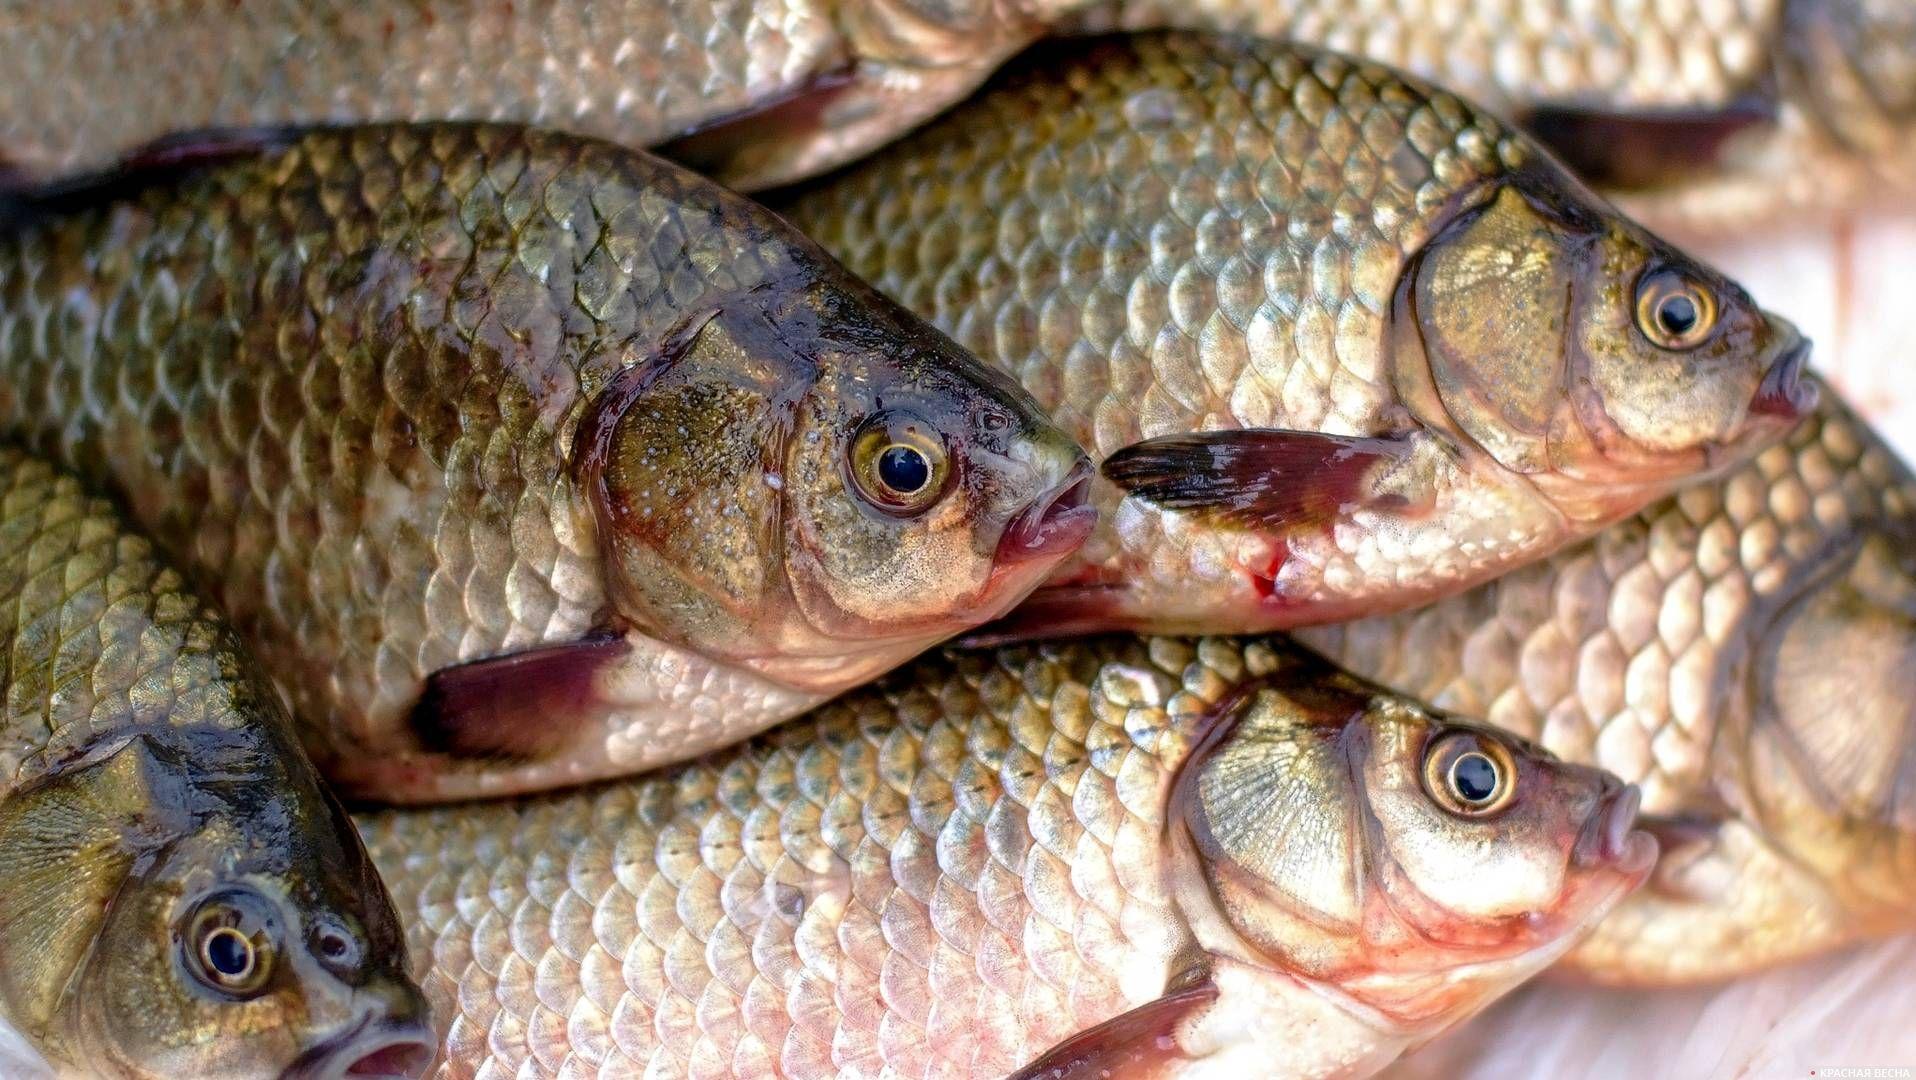 счет своей виды рыб в дону фото можете